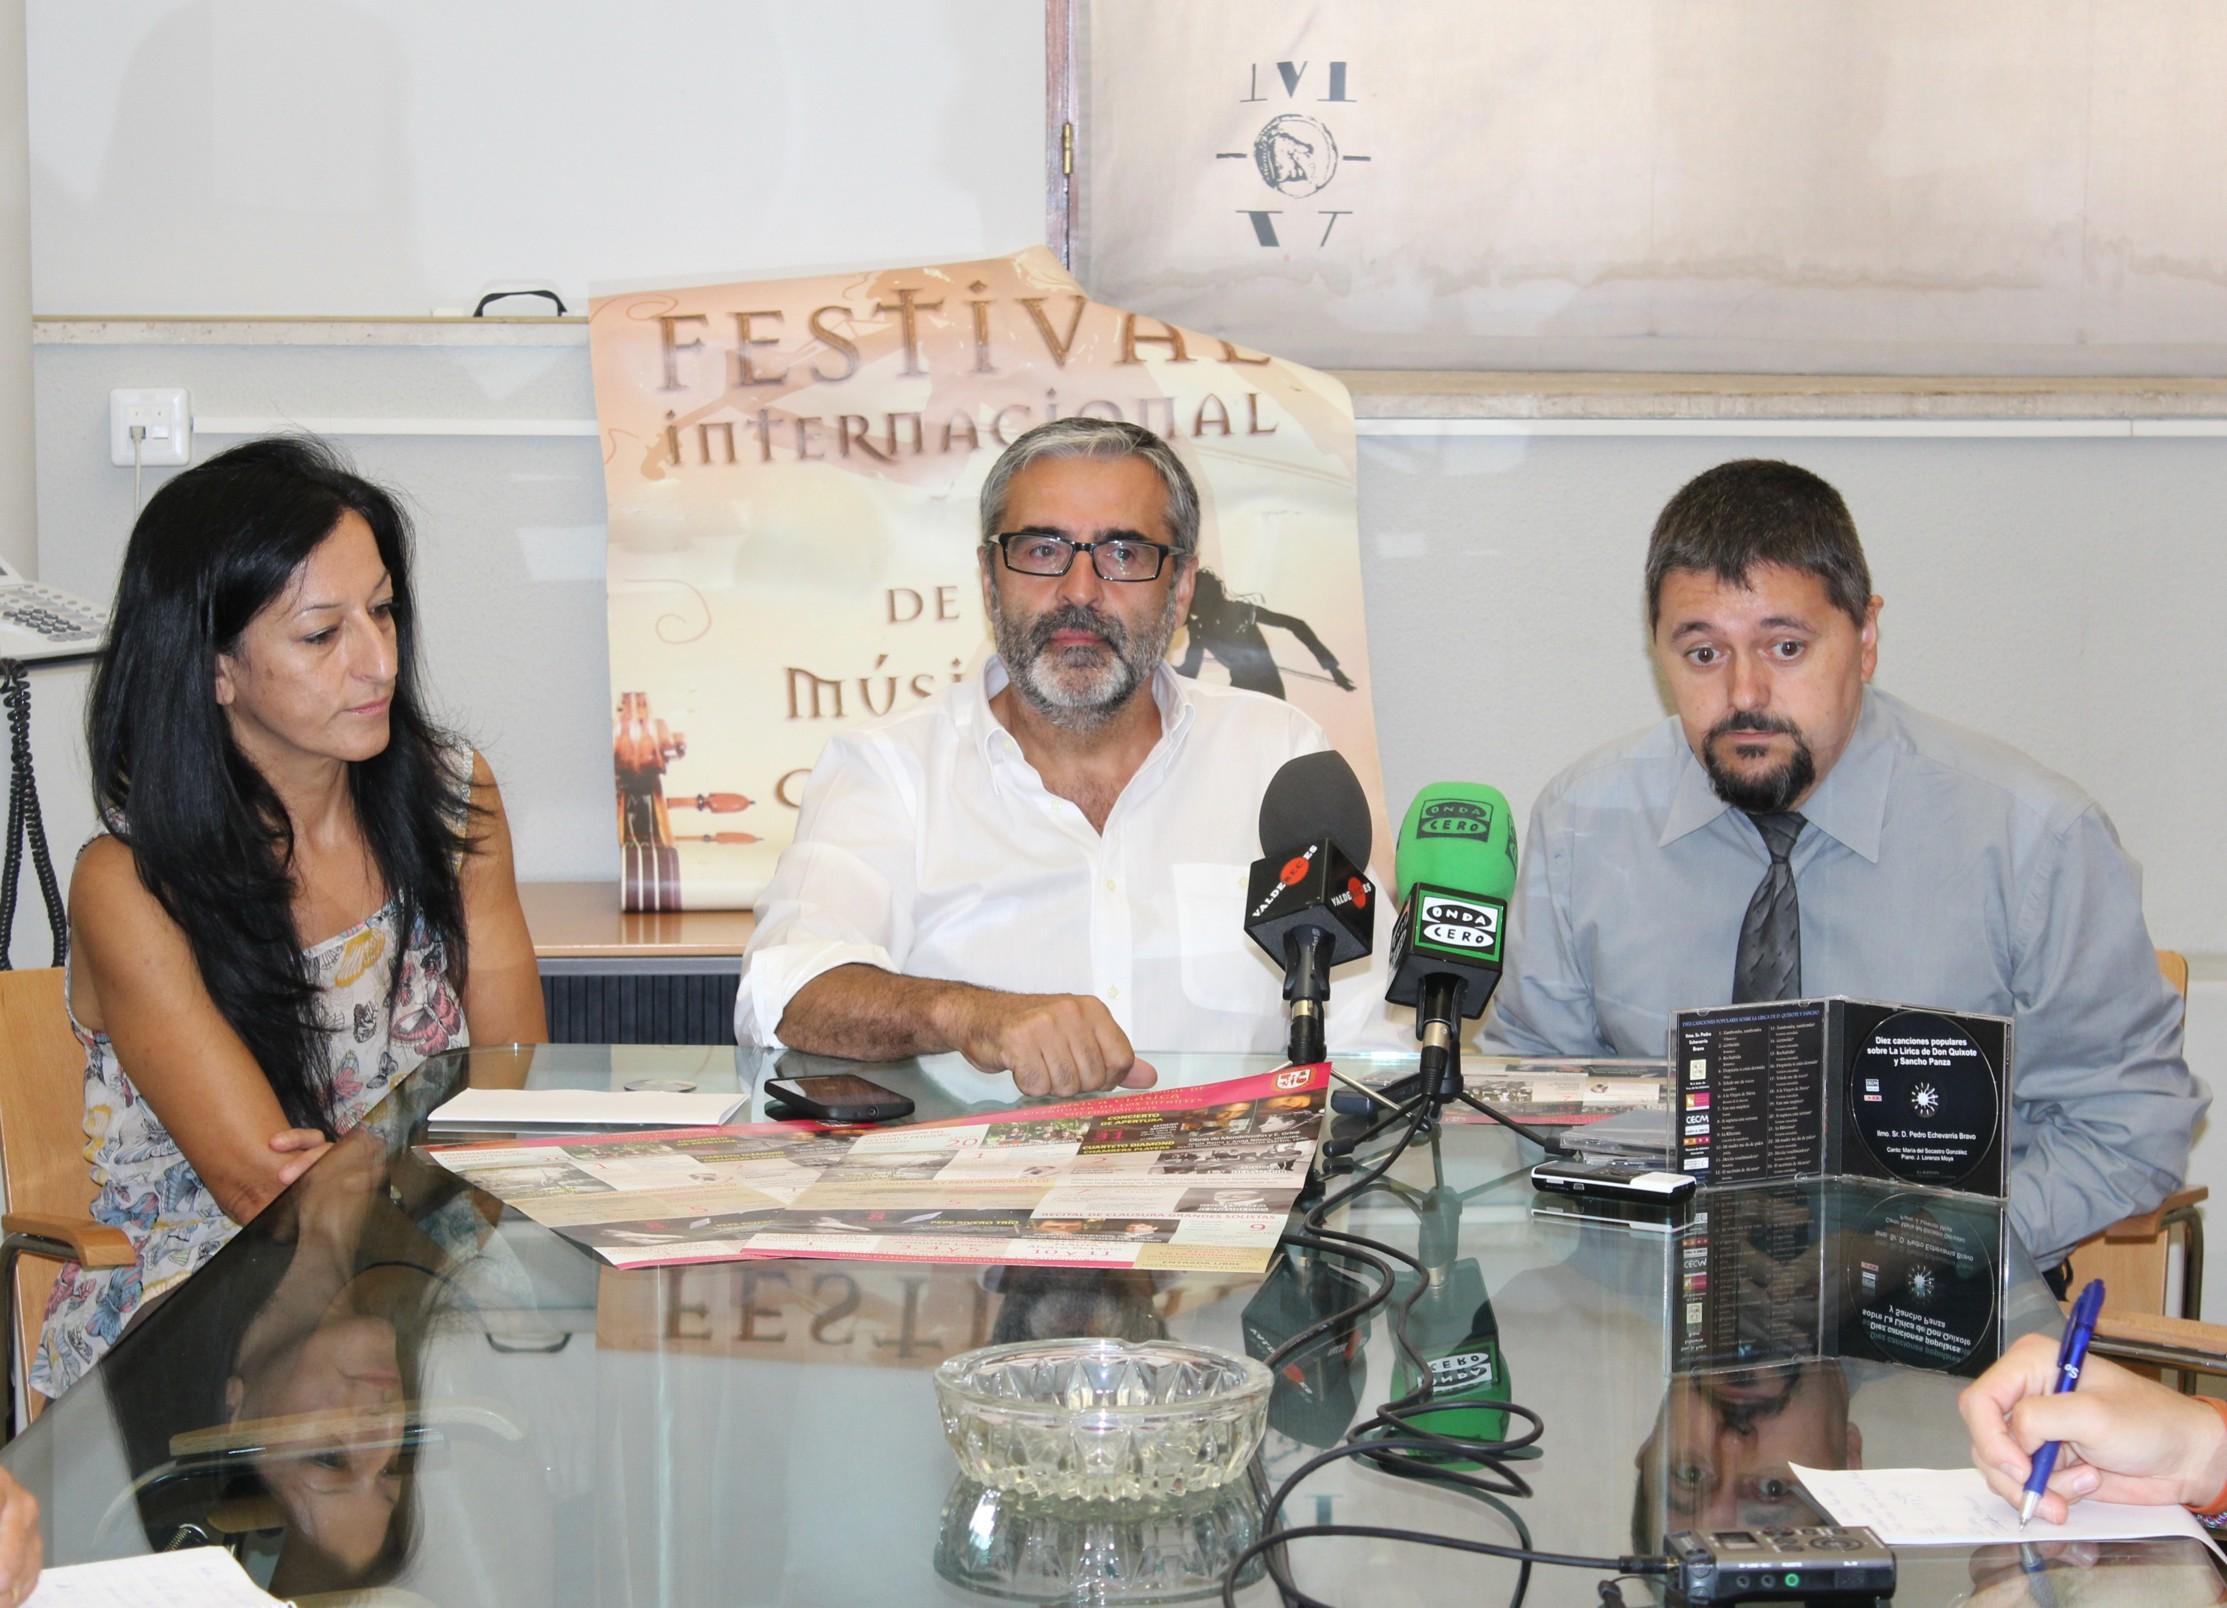 El viernes arranca la VIII edición del Festival Internacional de Música Clásica